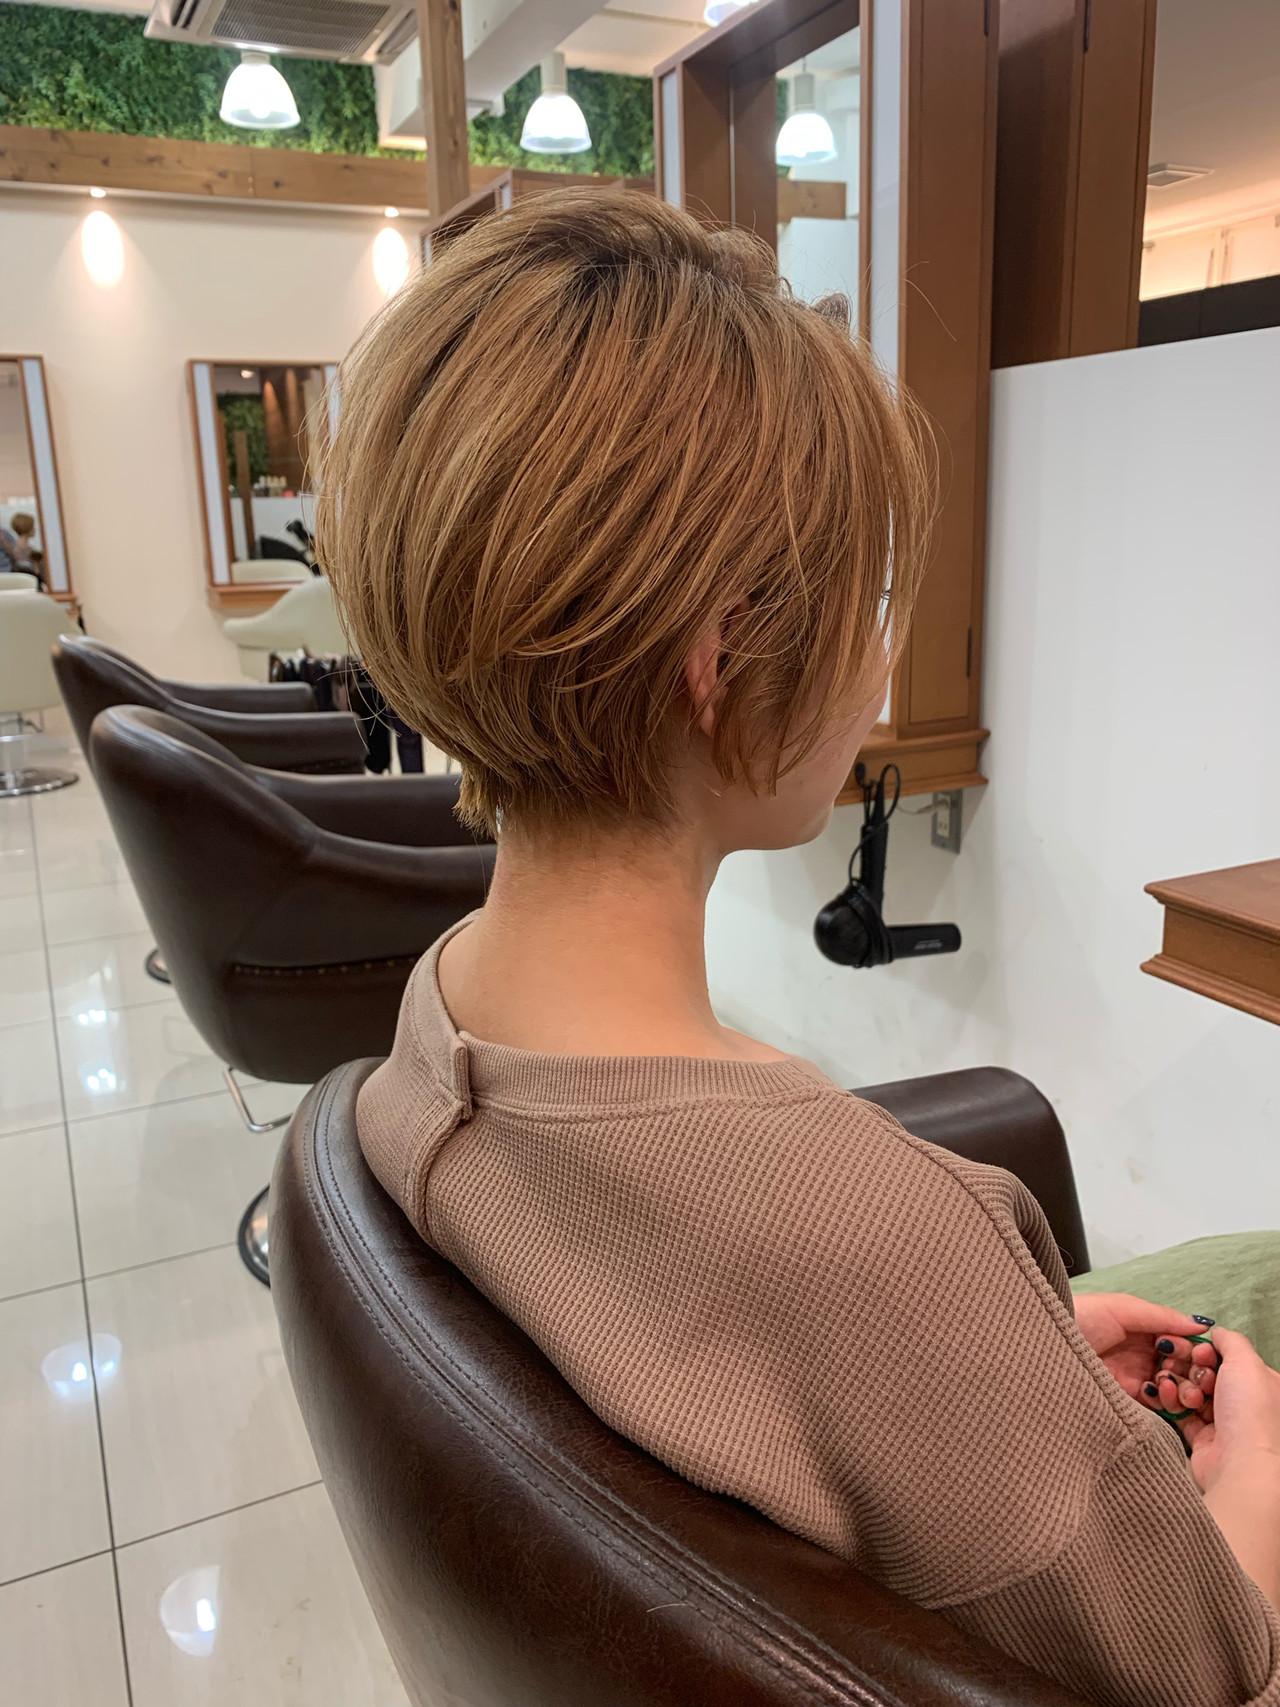 ショートヘア ショート 可愛い 大人可愛い ヘアスタイルや髪型の写真・画像 | 【つくば美容師】ショートヘア愛好家/矢崎 翔太 / ジールサロン